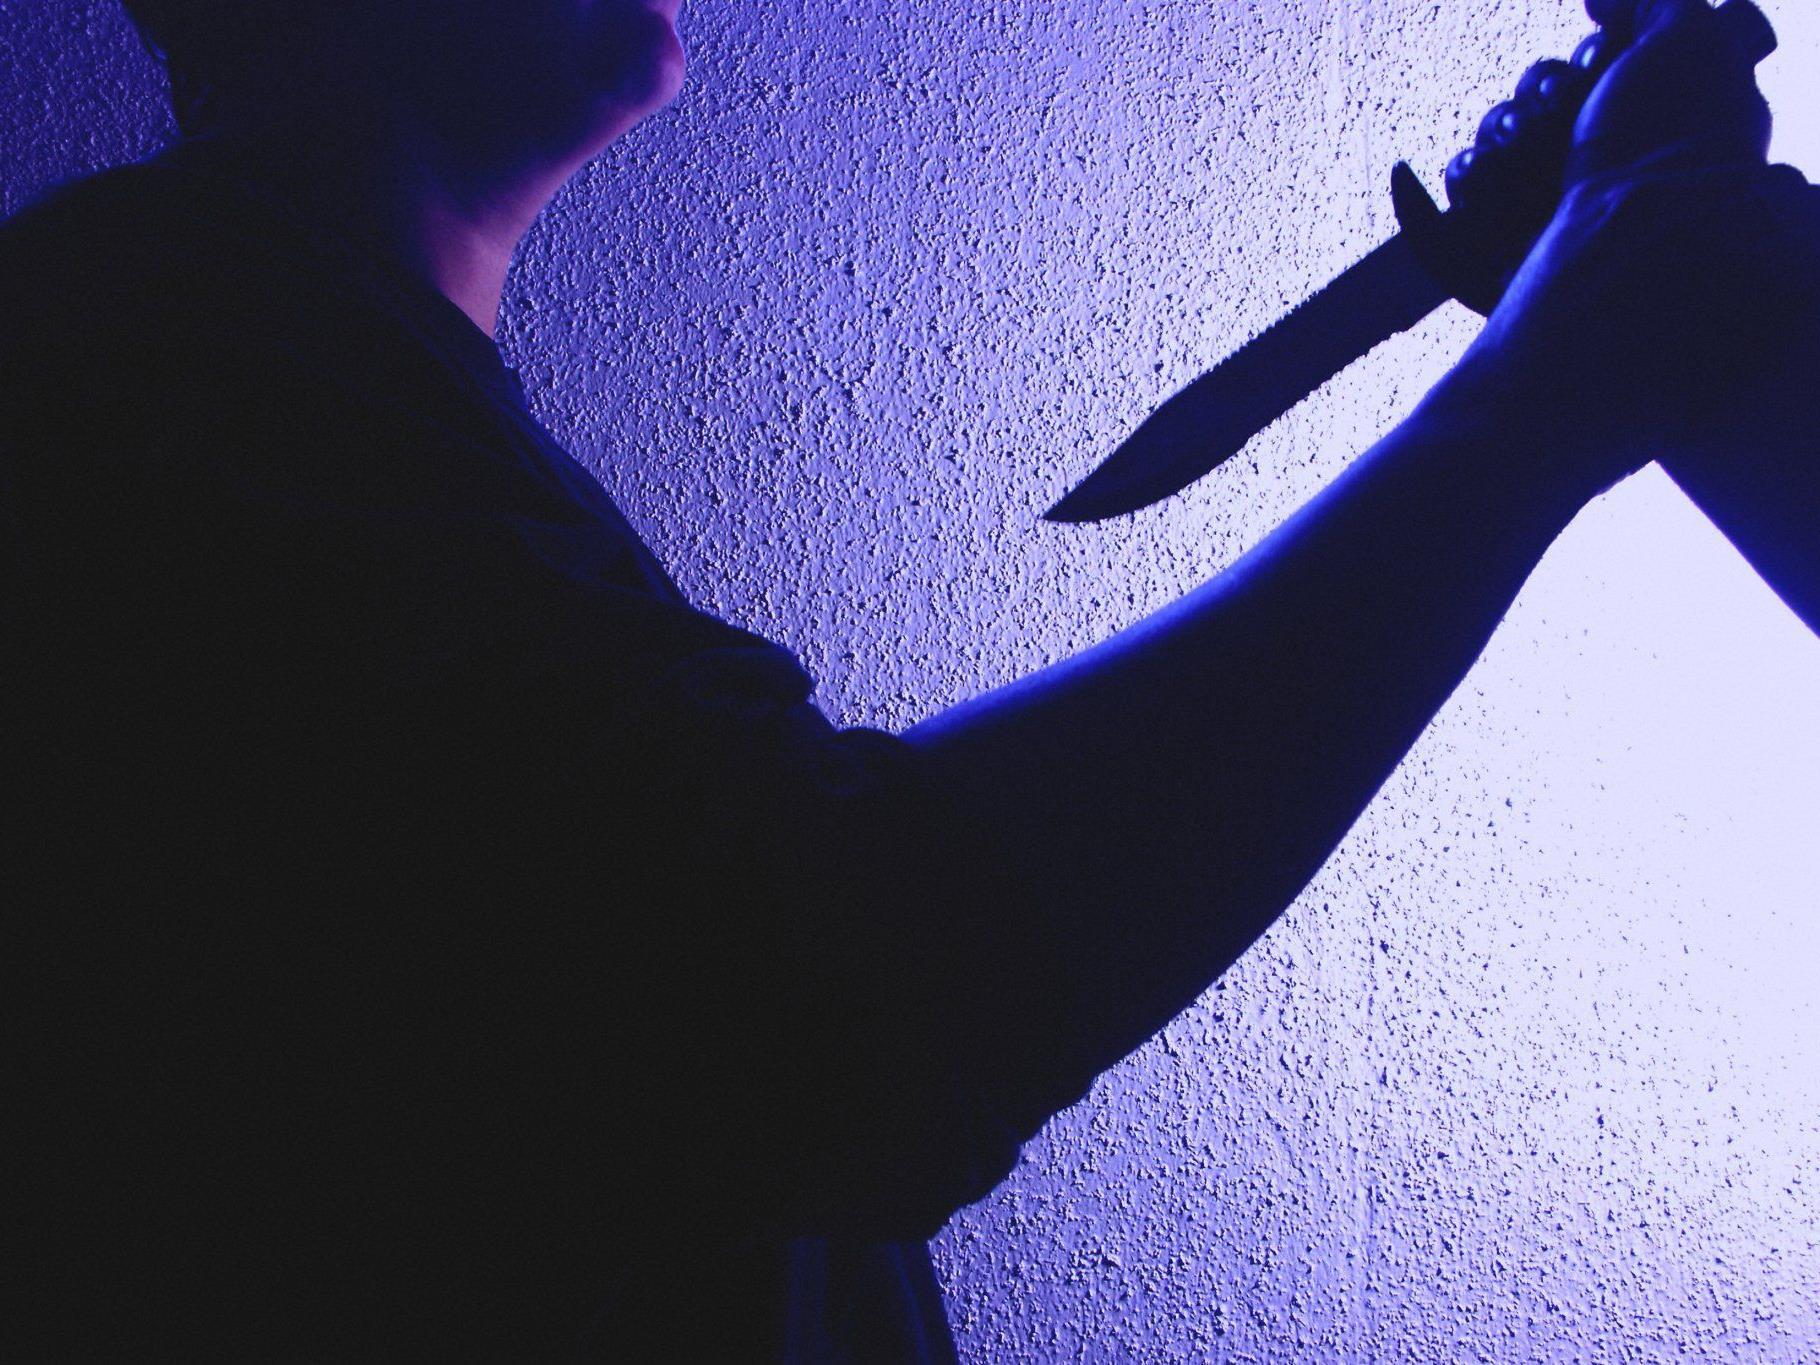 Der Drogensüchtige stach seiner eigenen Mutter mit einem Messer in die Brust.